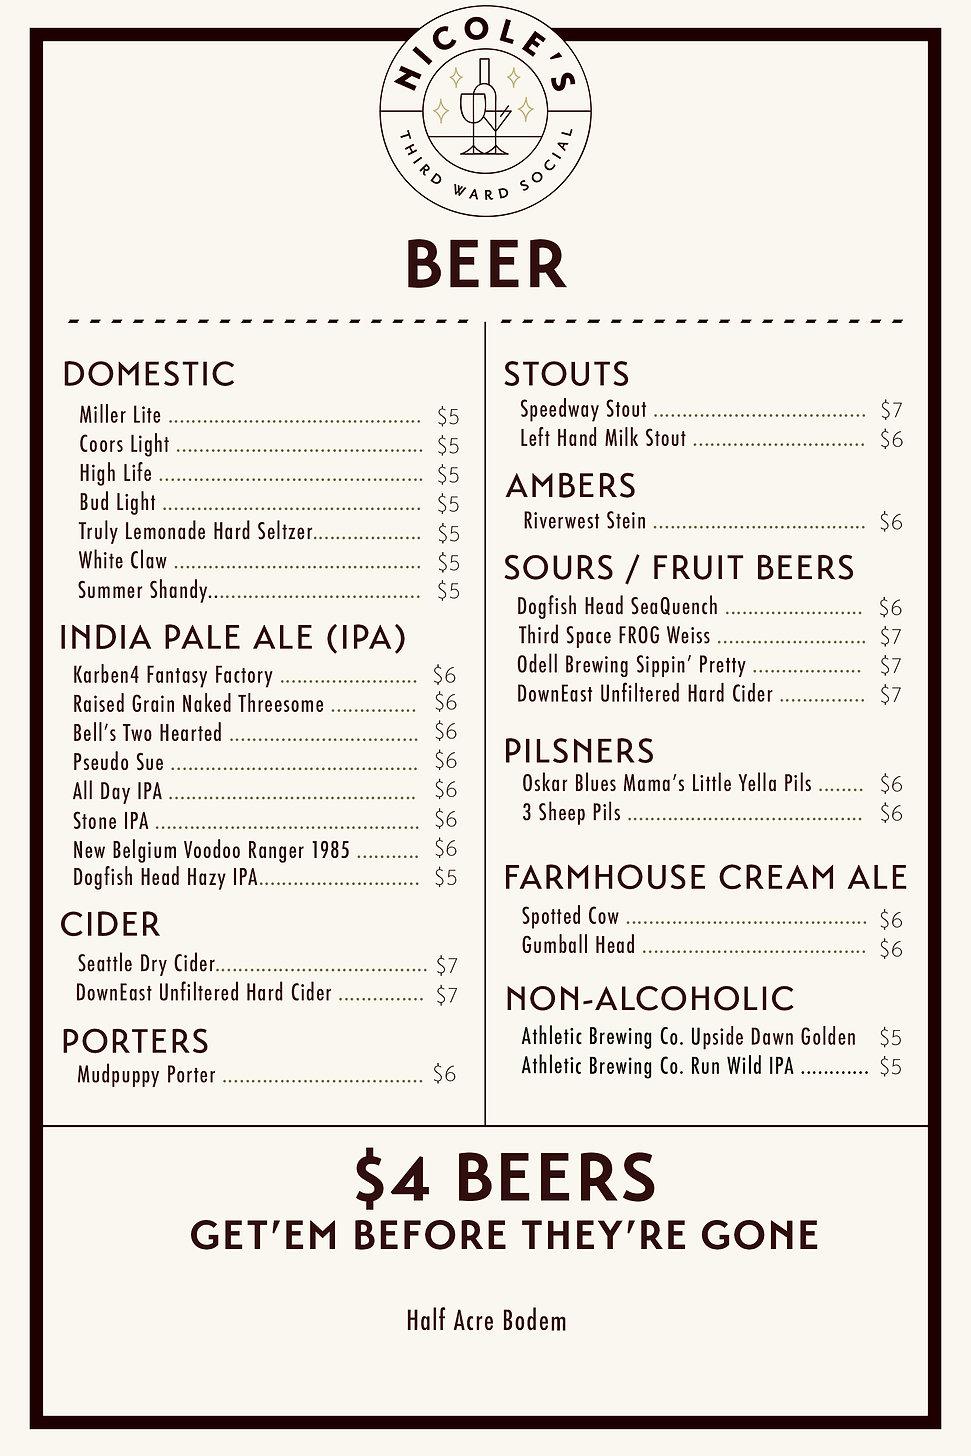 BEER menu June 4th 2021.jpg